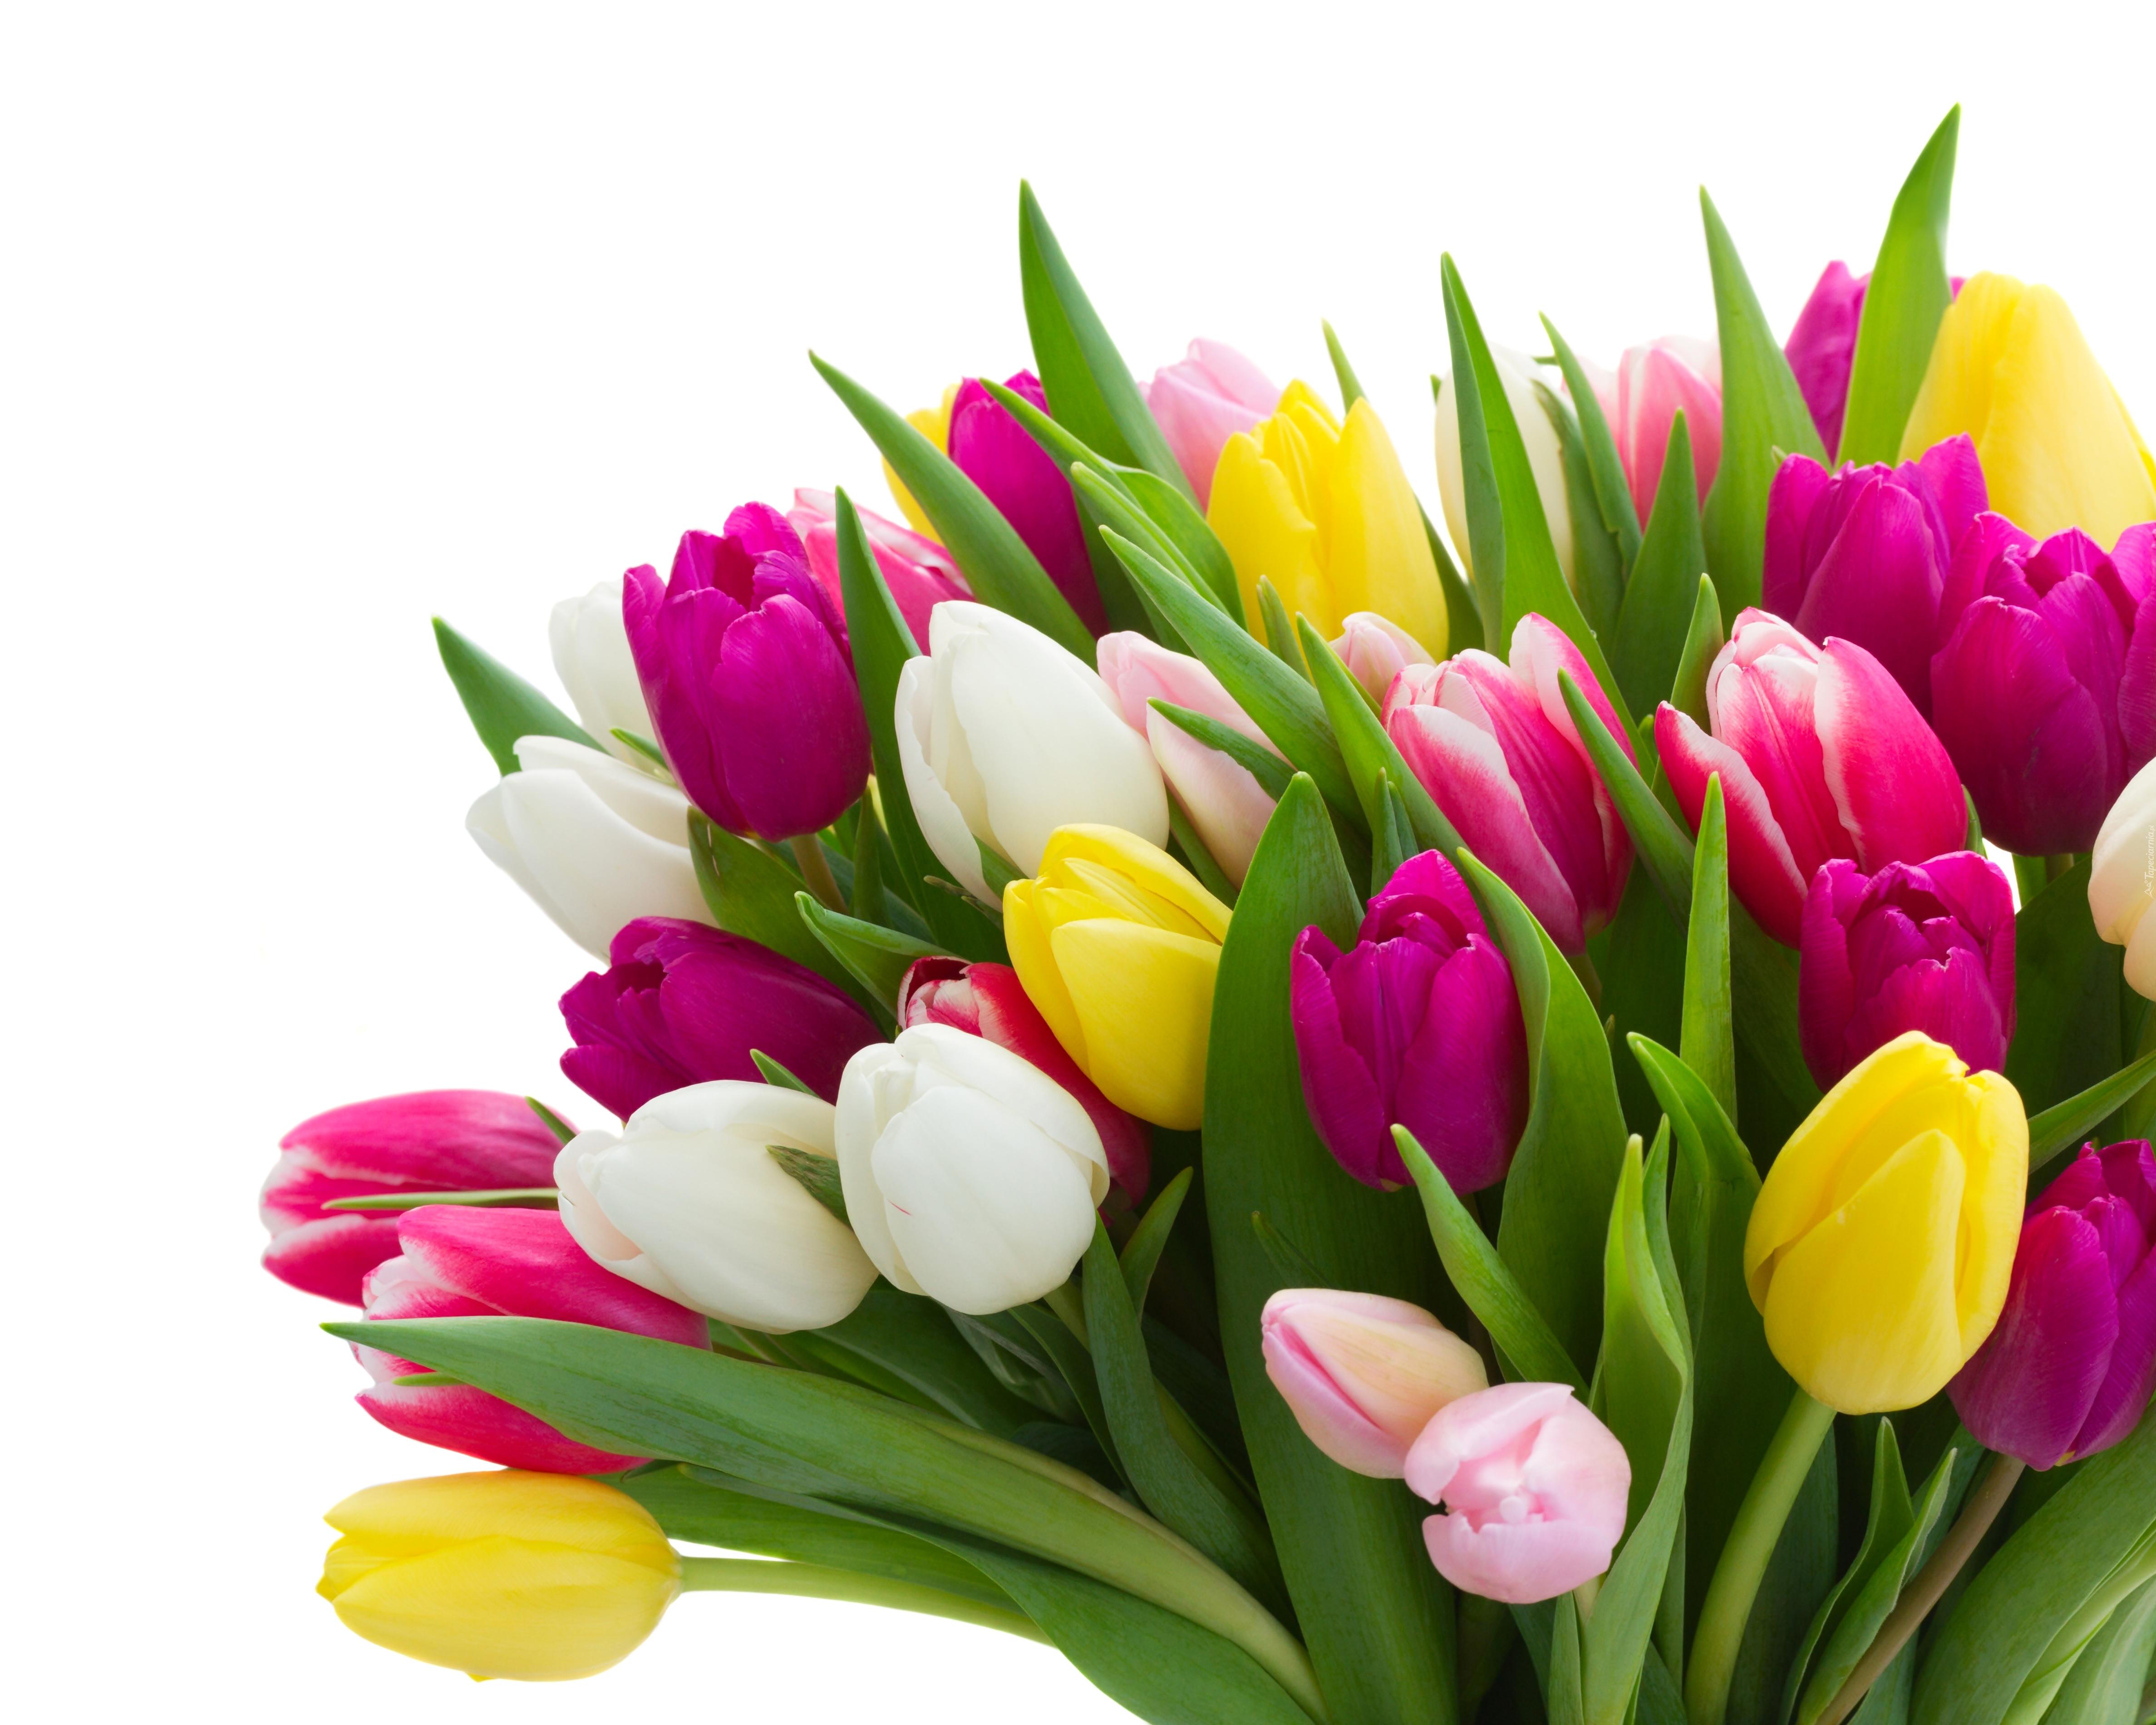 Букеты цветов розы тюльпаны  картинки фото  VK